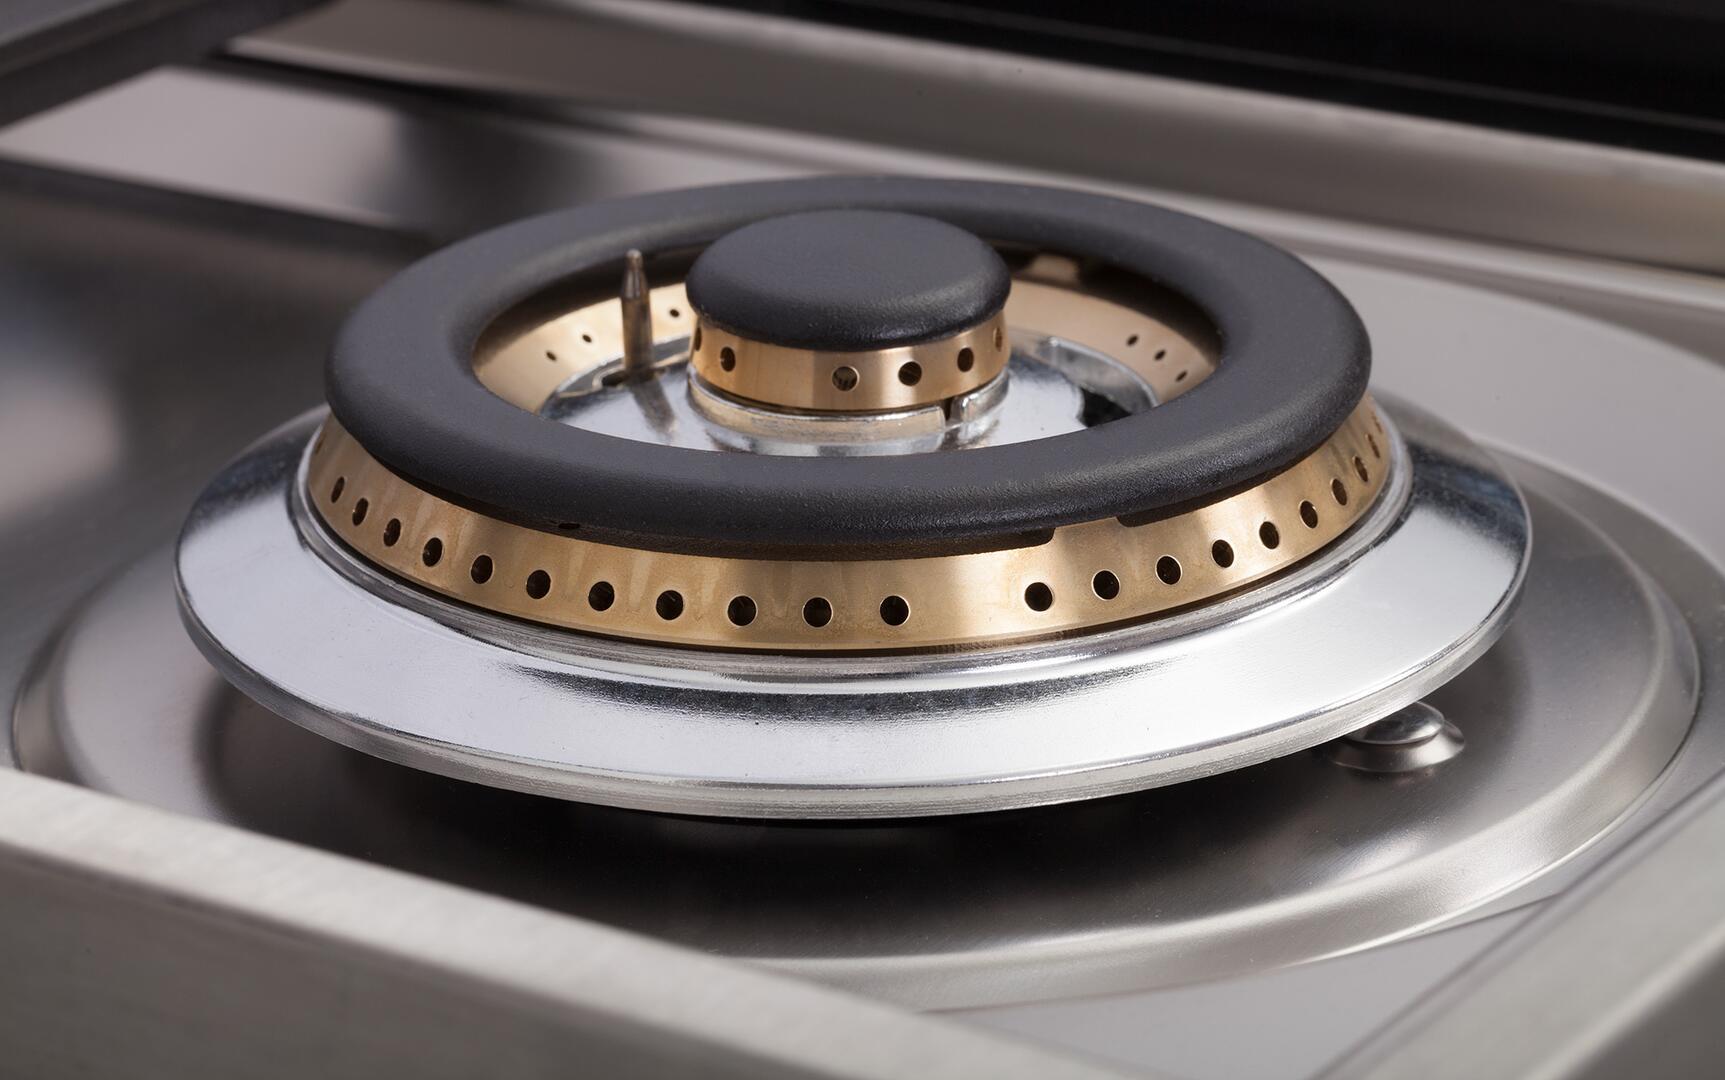 Ilve Professional Plus UPDW1006DMPN Freestanding Dual Fuel Range Black, 12